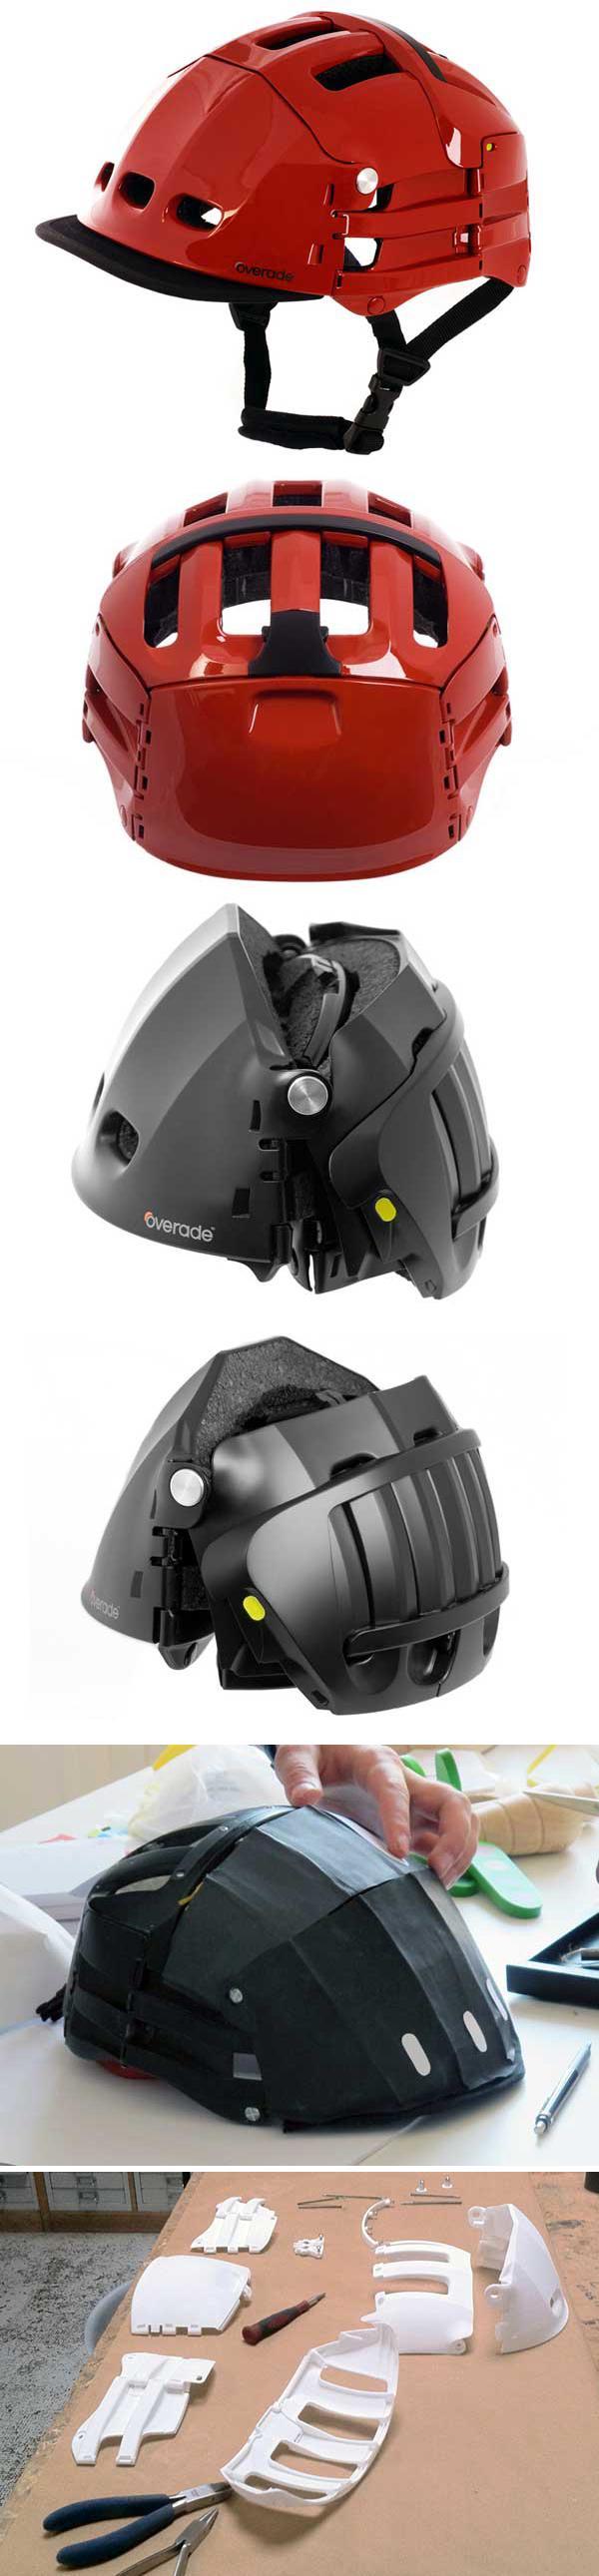 Складной велосипедный шлем (Overade Cycling Helmet)